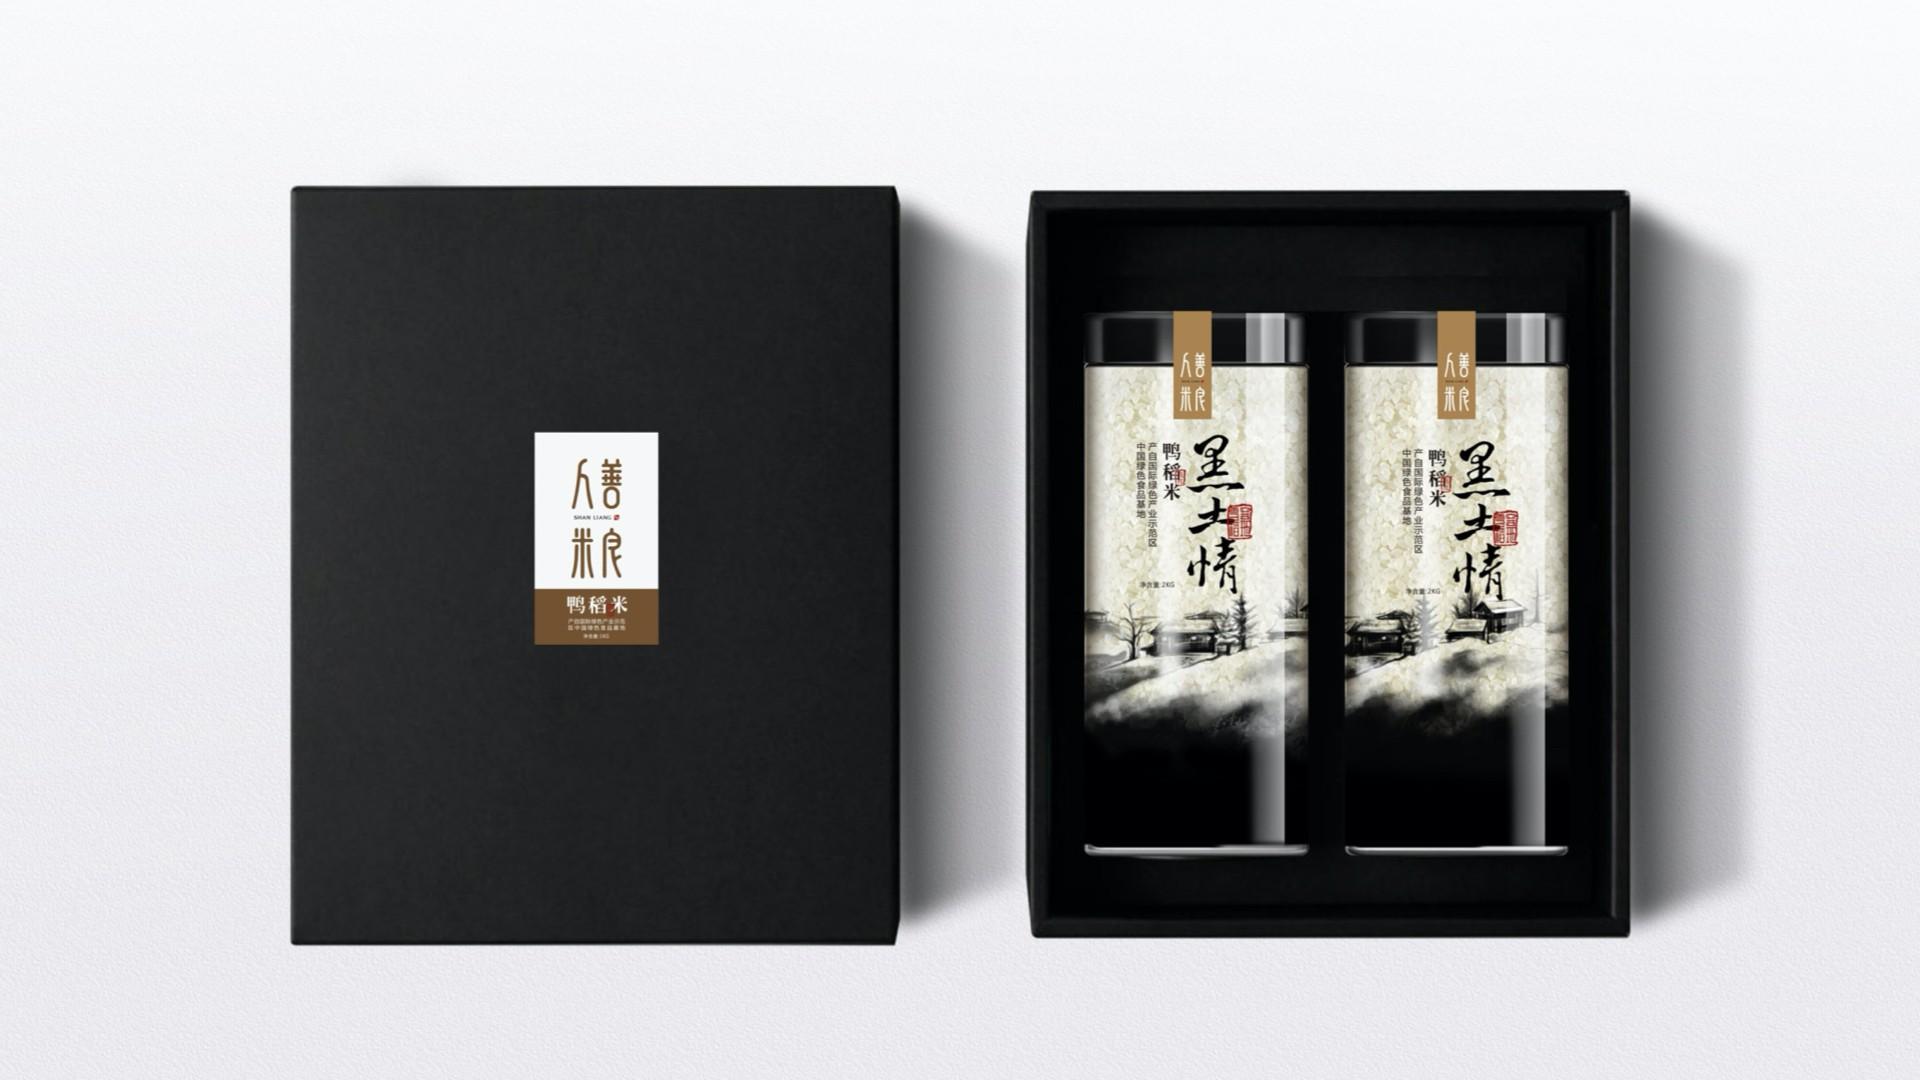 【公司-企业介绍】达岸品牌营销机构20200526.098